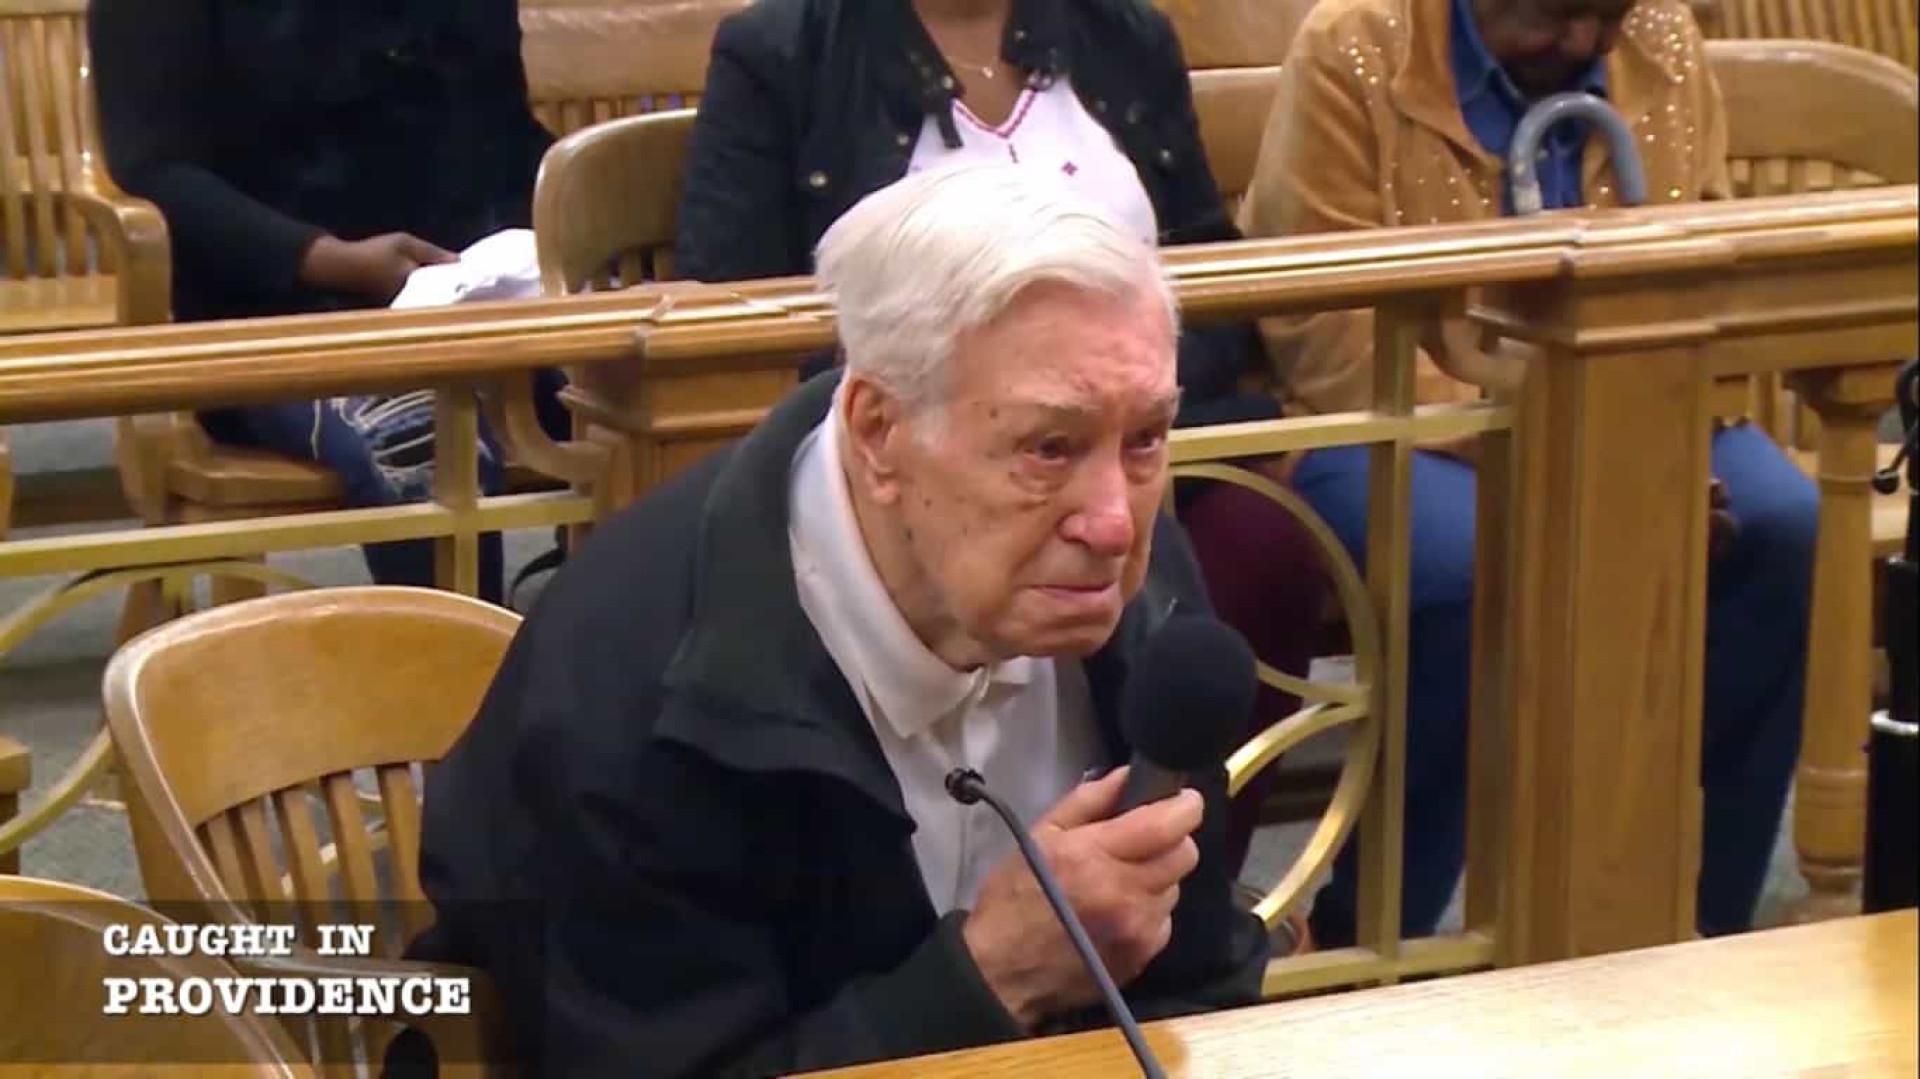 Juiz perdoa multa a idoso de 96 anos. Levava filho com cancro ao médico